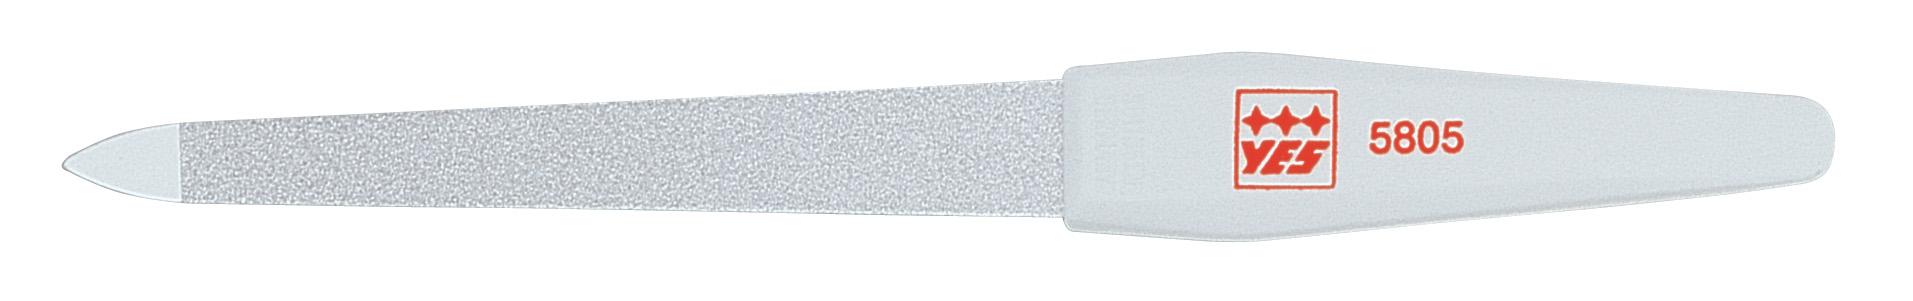 Becker-Manicure YES Пилочка 15см. 9580526102025Пилочка для ногтей изготовлена из высокоуглеродистой стали. Пилочка имеет двухстороннее сапфировое напыление: более крупное с одной стороны для формирования формы и мелкое с другой для завершения шлифовки ногтя. Длина пилочки 15 см.Хранить в сухом недоступном для детей месте. Замена изделия не осуществляется в следующих случаях:- Использование не по назначению- Самостоятельный ремонт- Нарушение условий хранения